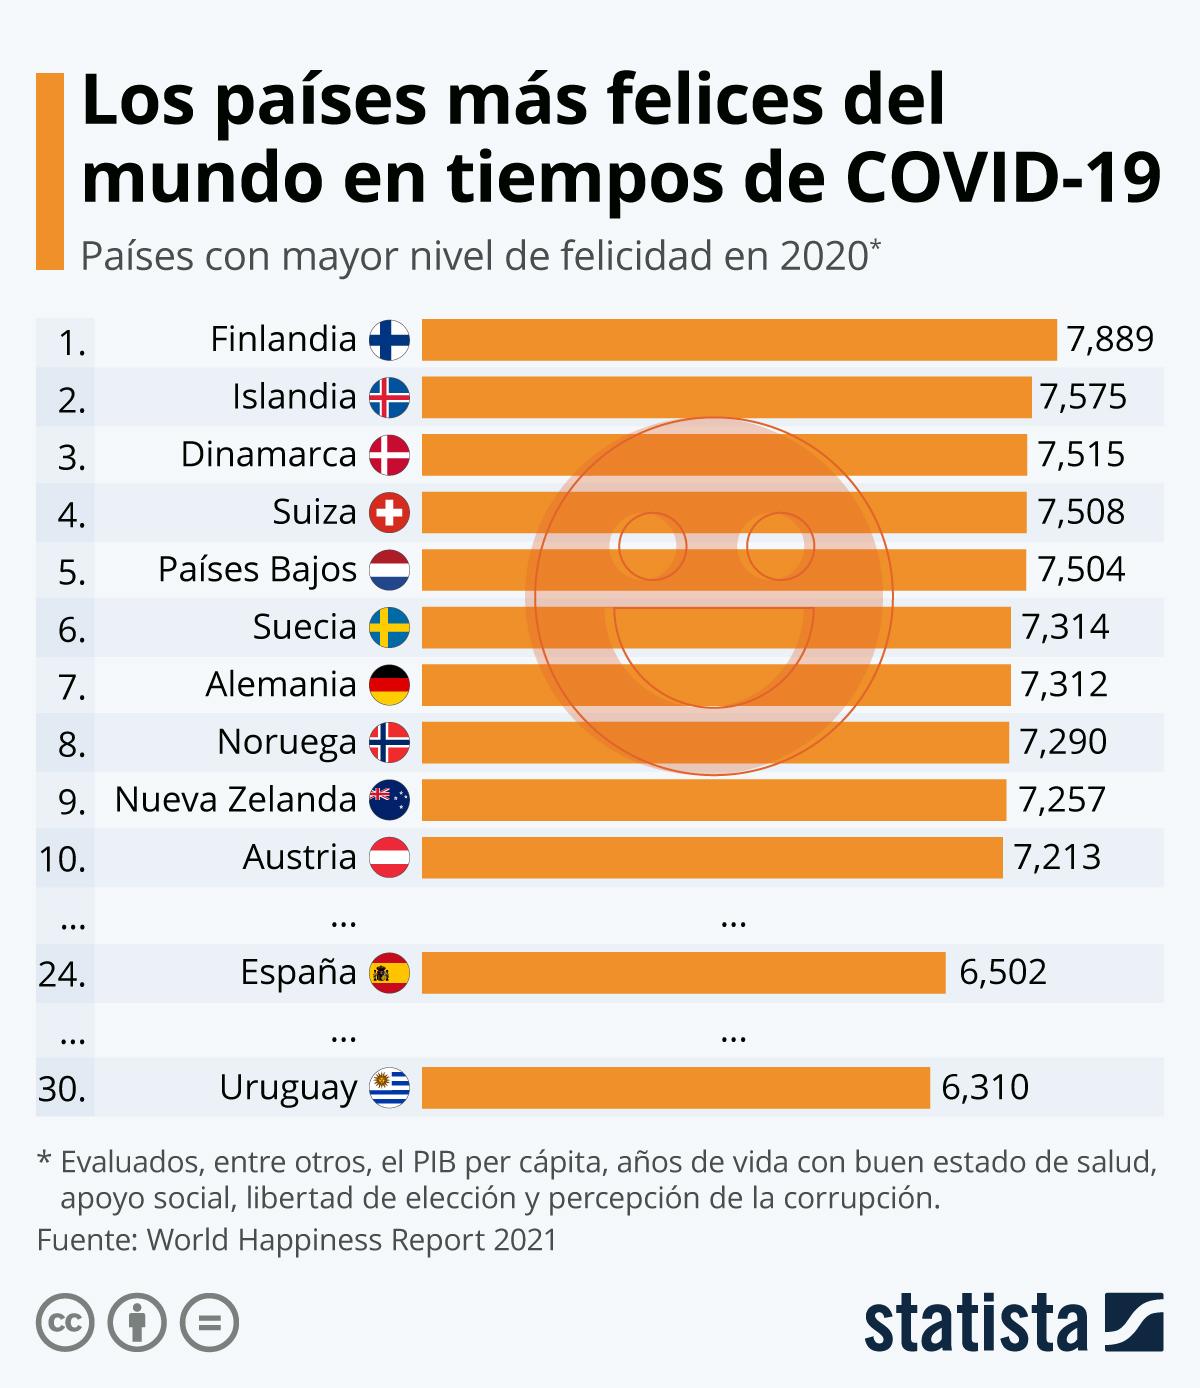 Ranking: Los 10 países más felices del mundo en tiempos de Covid-19